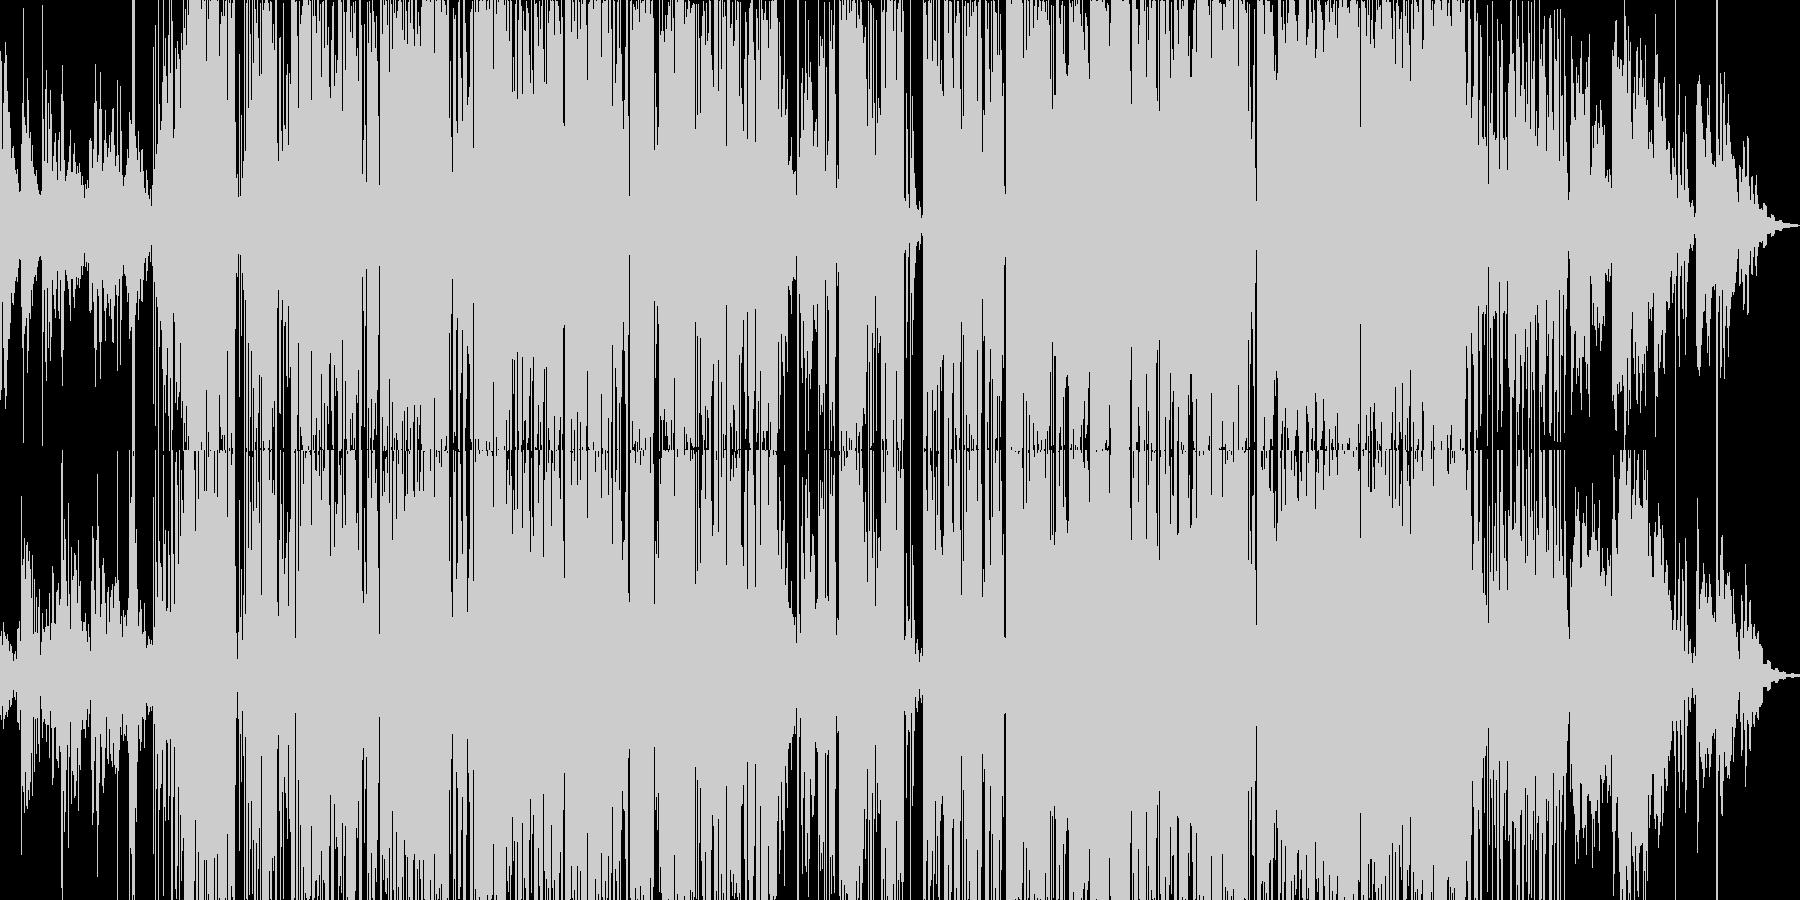 エレクトロニック 静か 楽しげ お...の未再生の波形